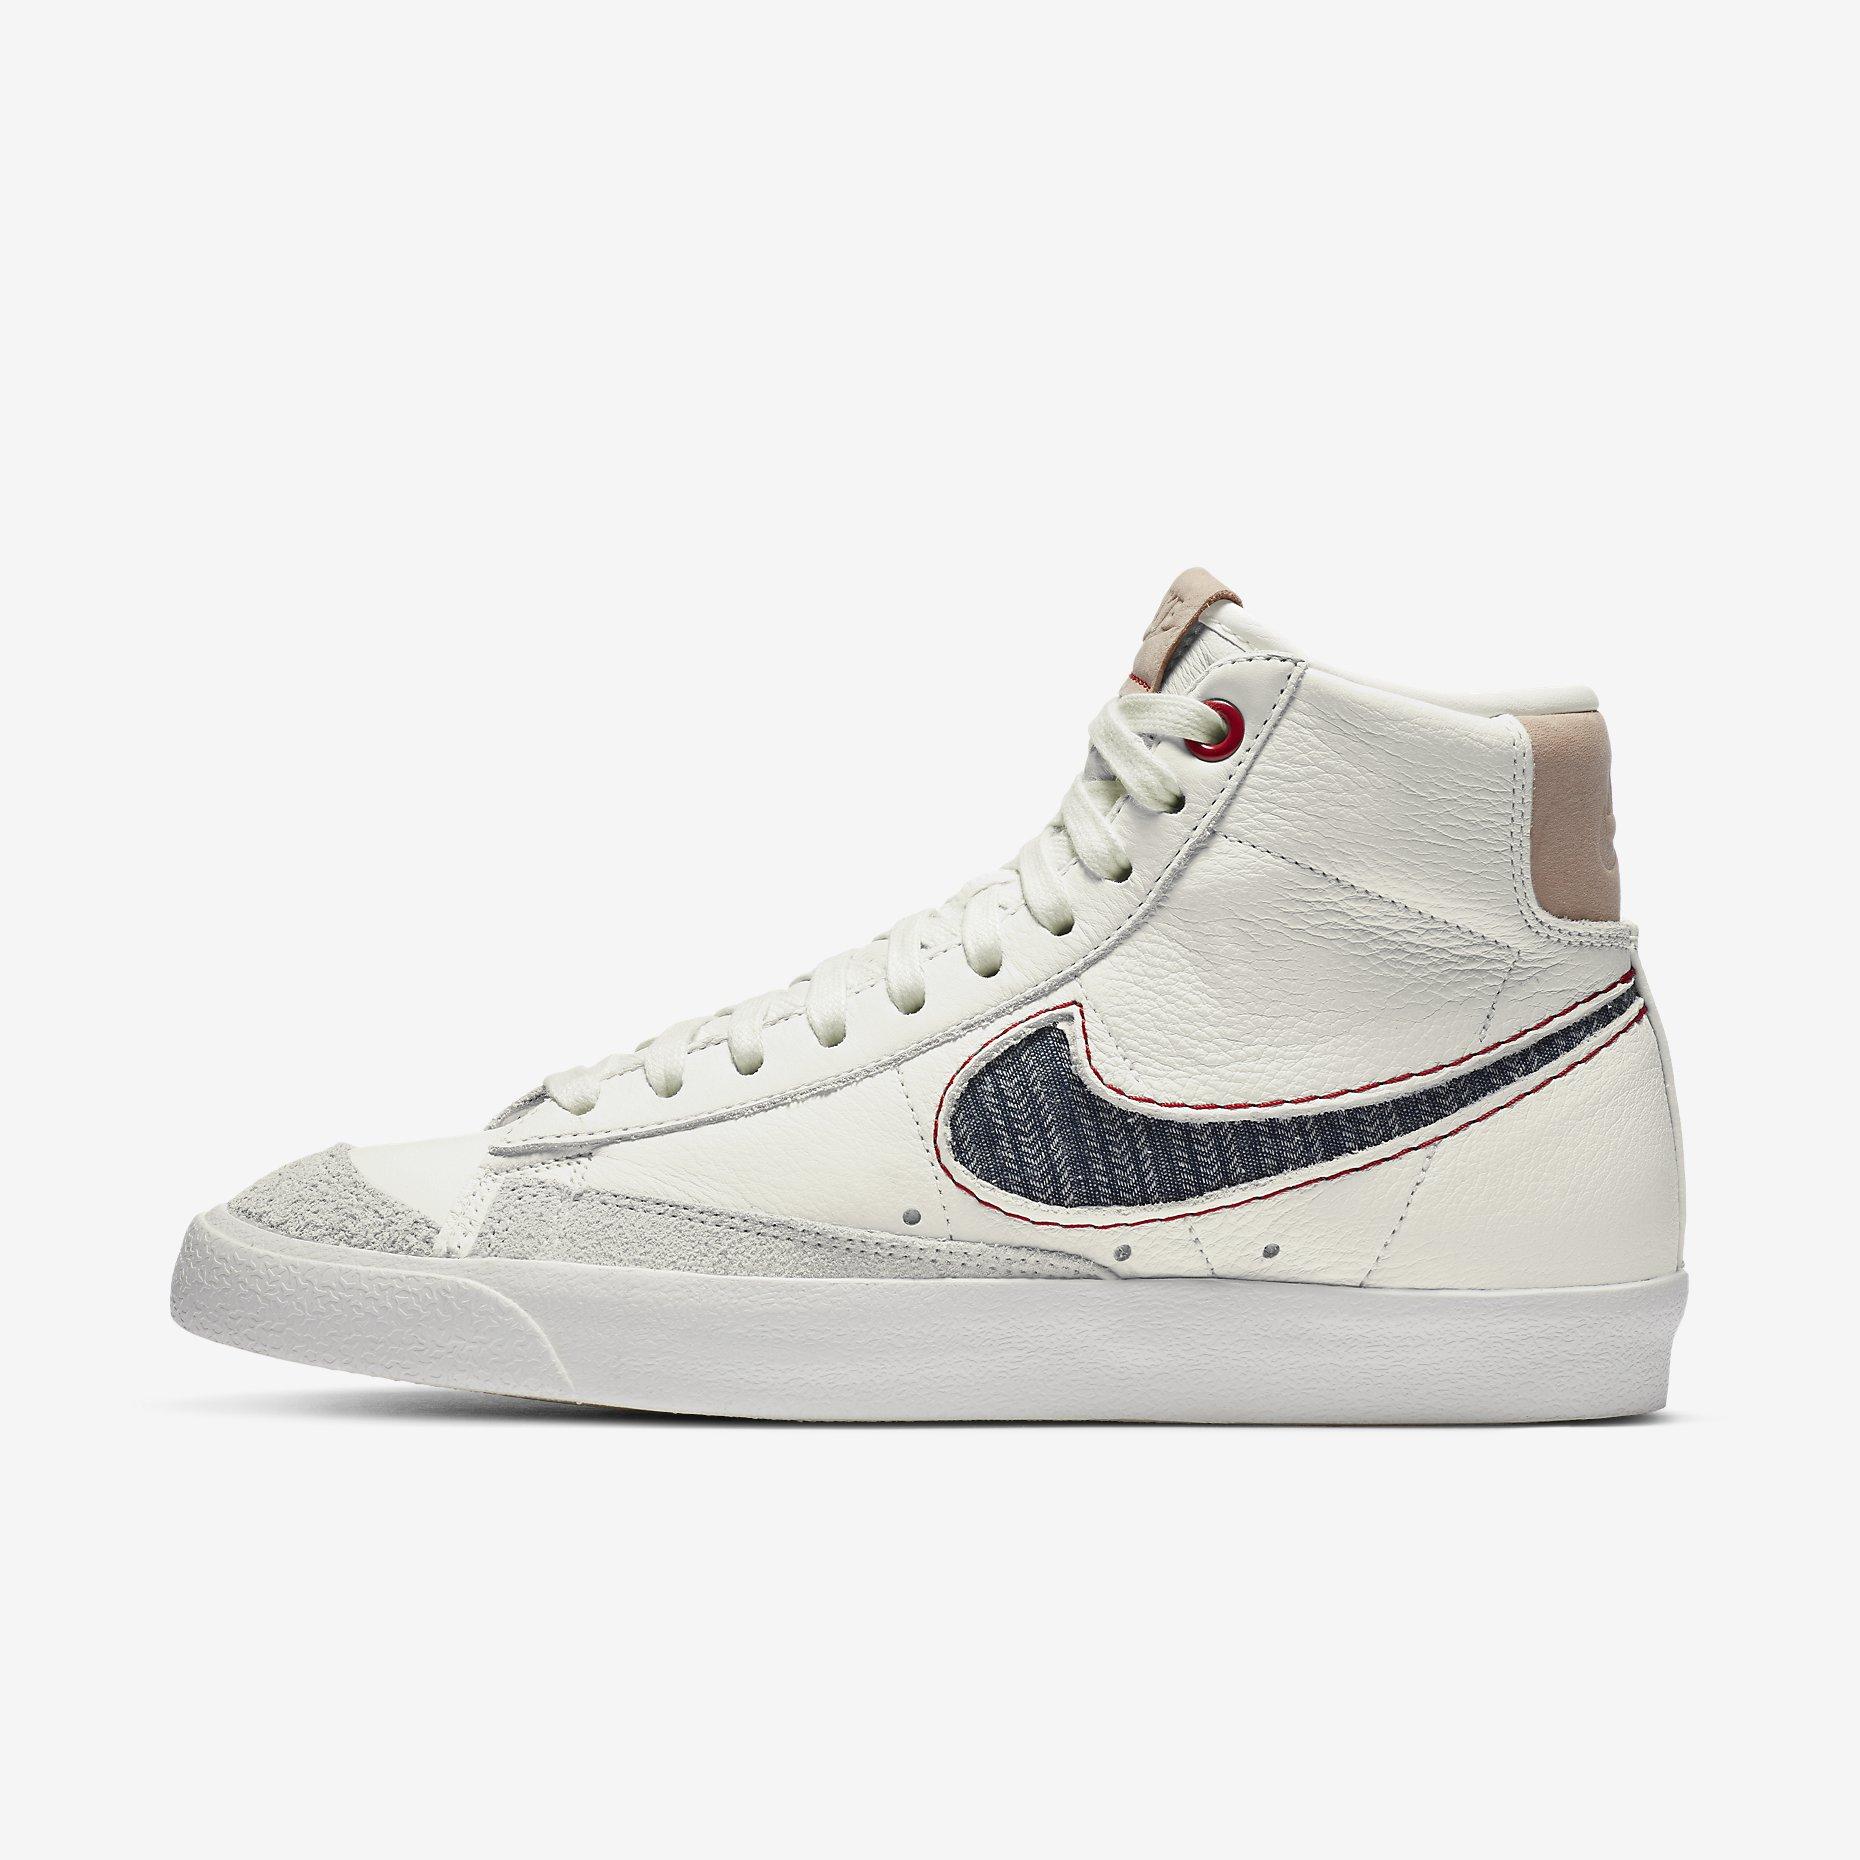 DENHAM x Nike Blazer Mid '77 'Sail'}